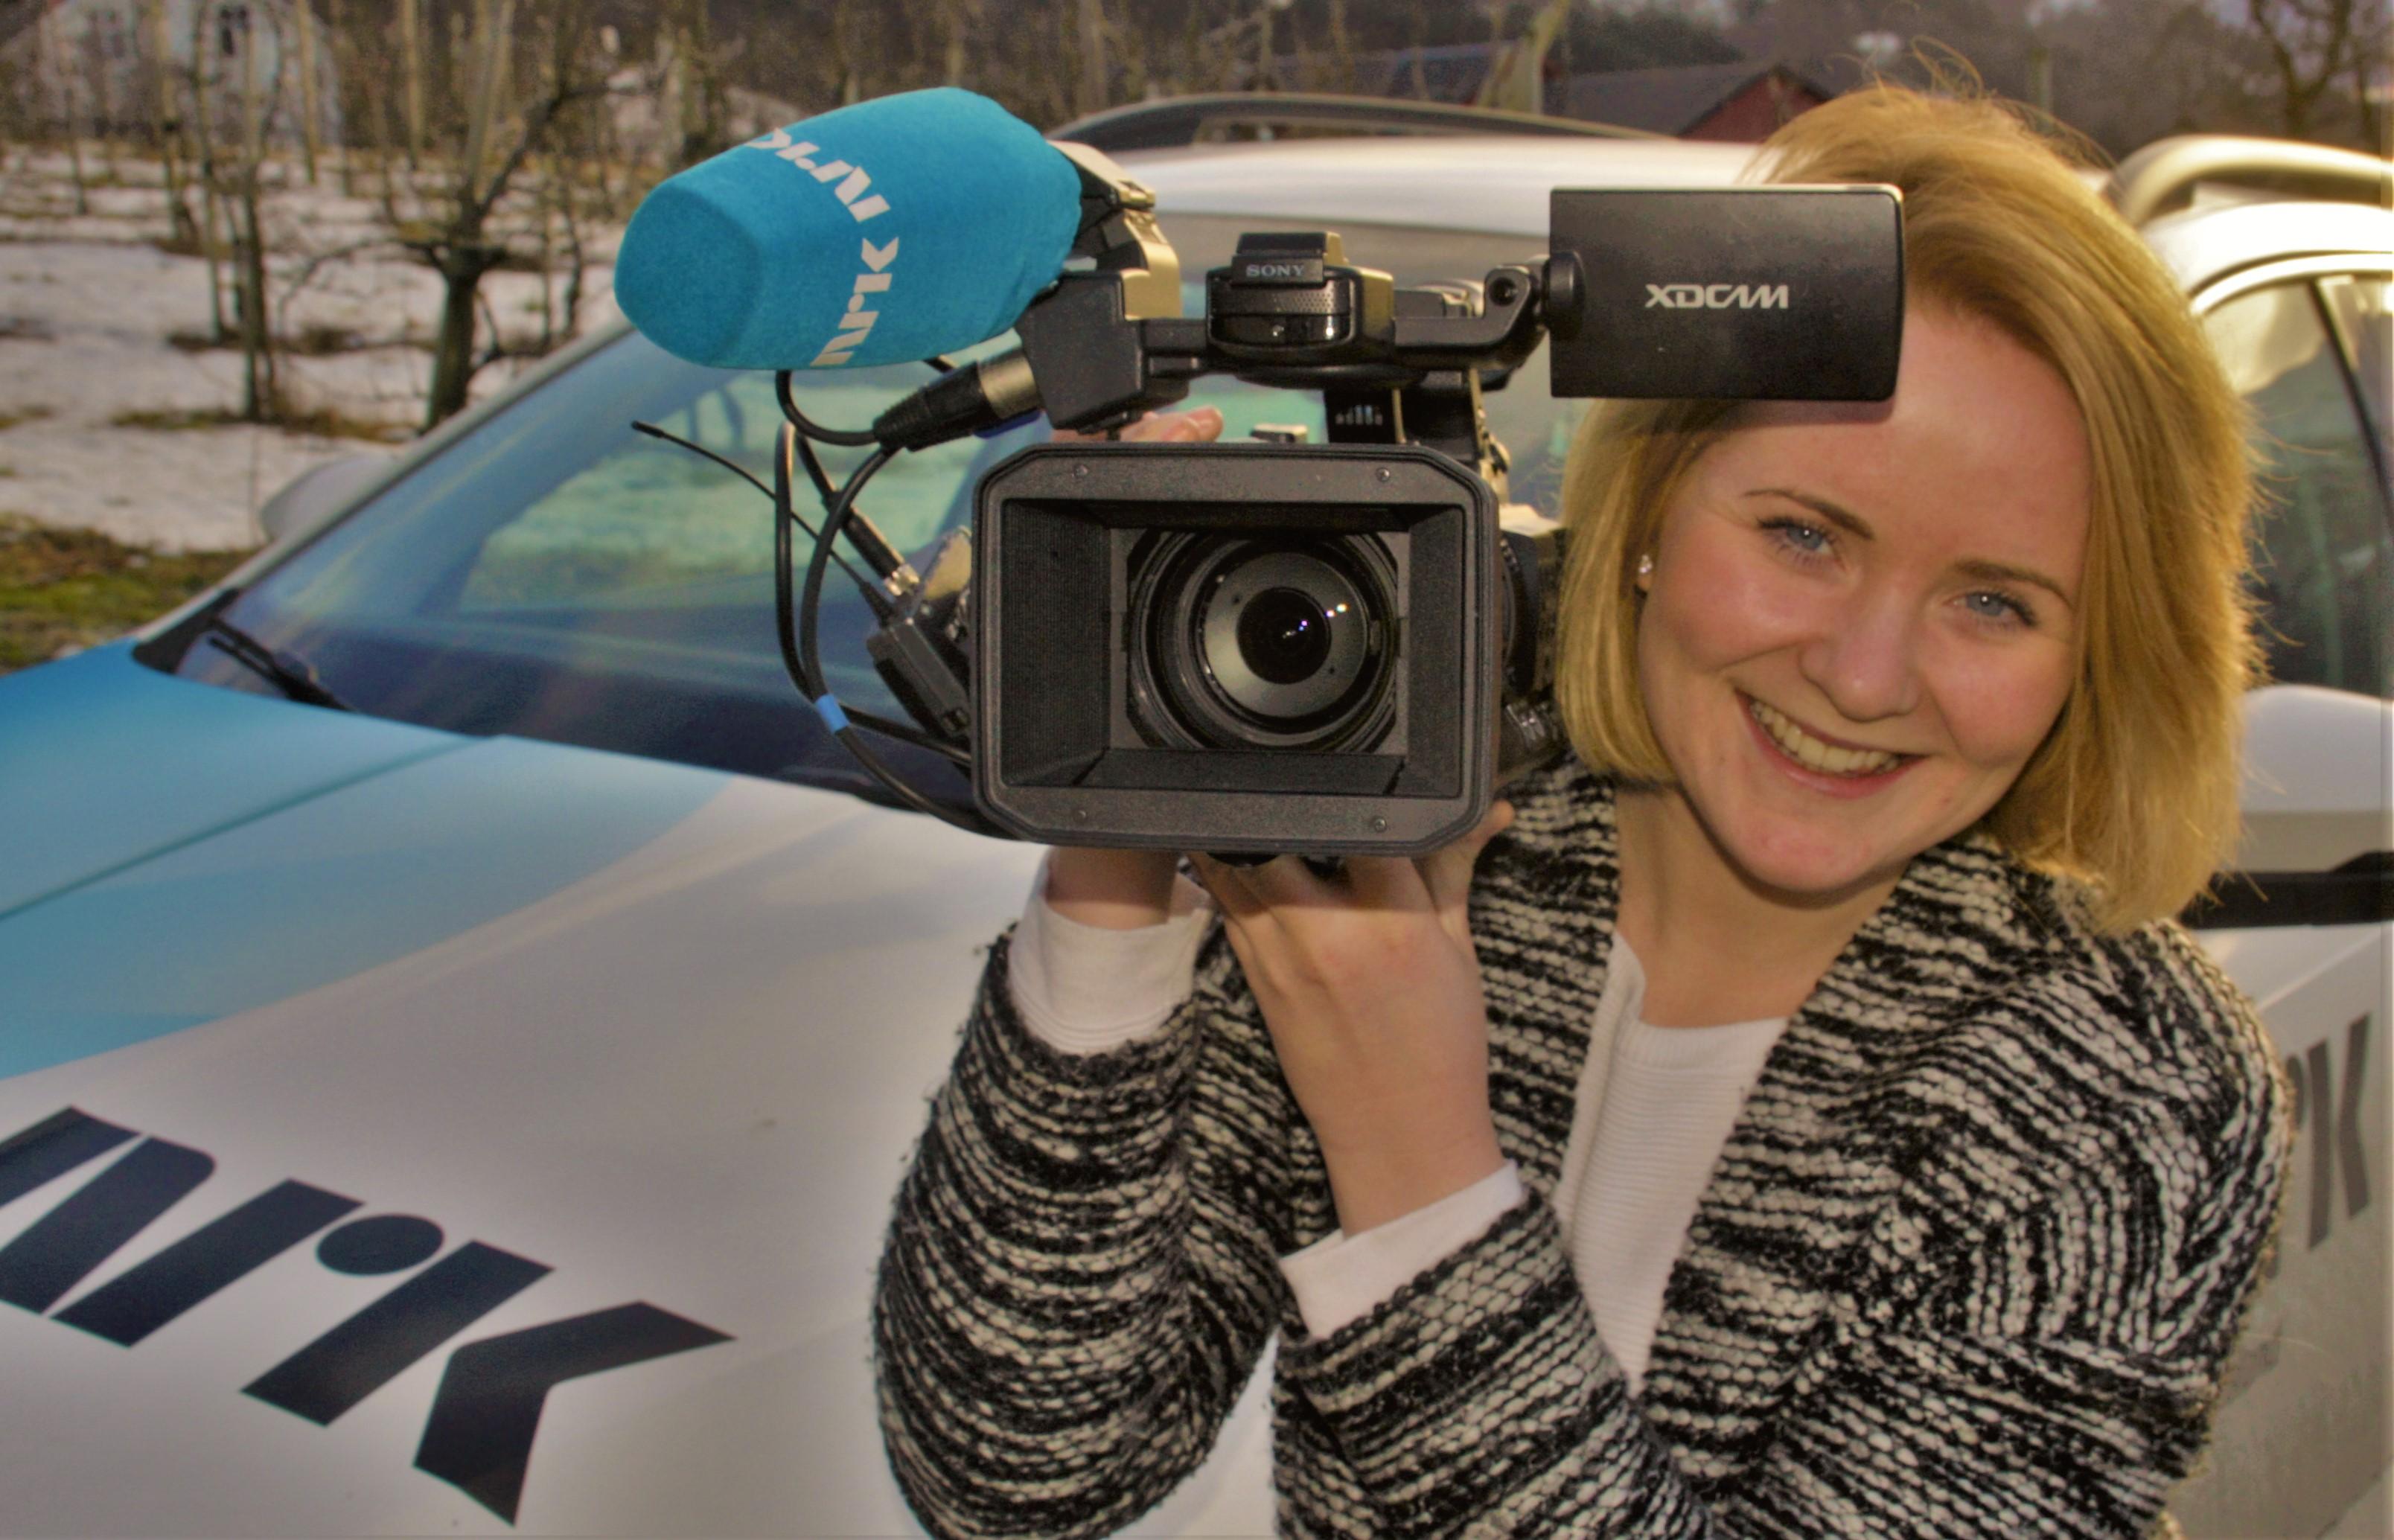 Bilen, kamera og mikrofon er alt Tale treng.